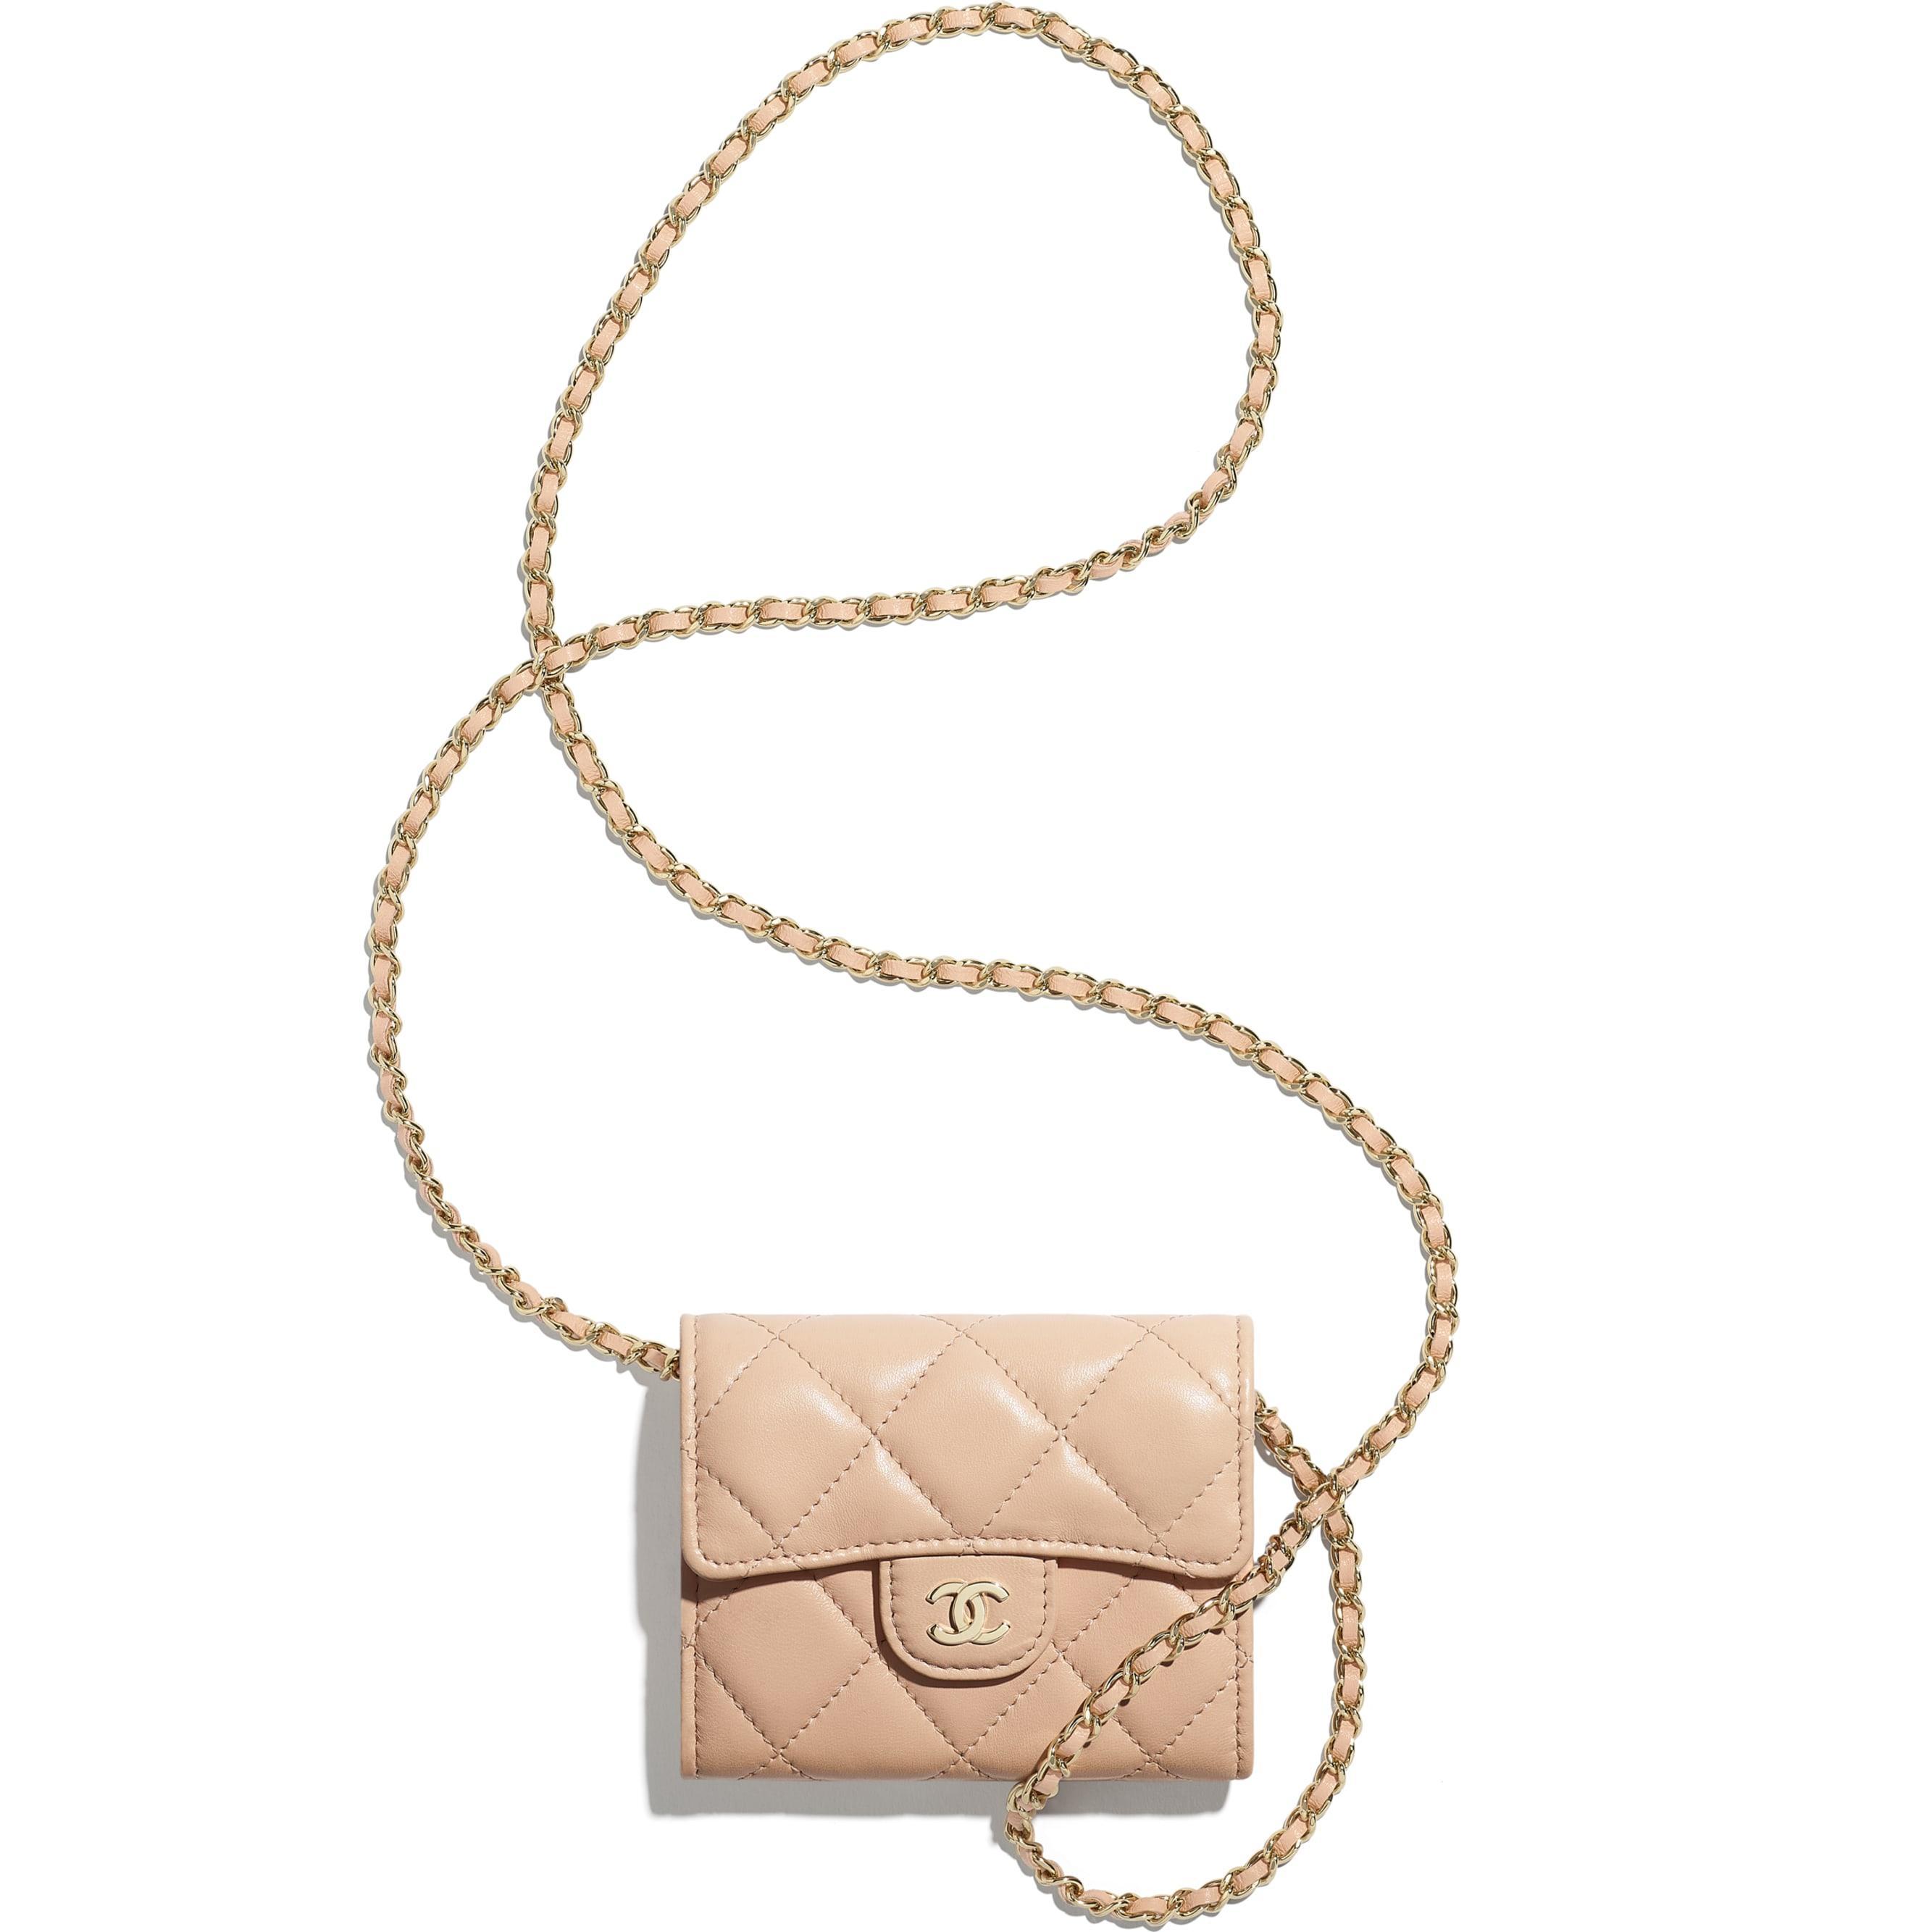 Clutch con catena classica - Rosa chiaro - Pelle di agnello & metallo effetto dorato - CHANEL - Altra immagine - vedere versione standard